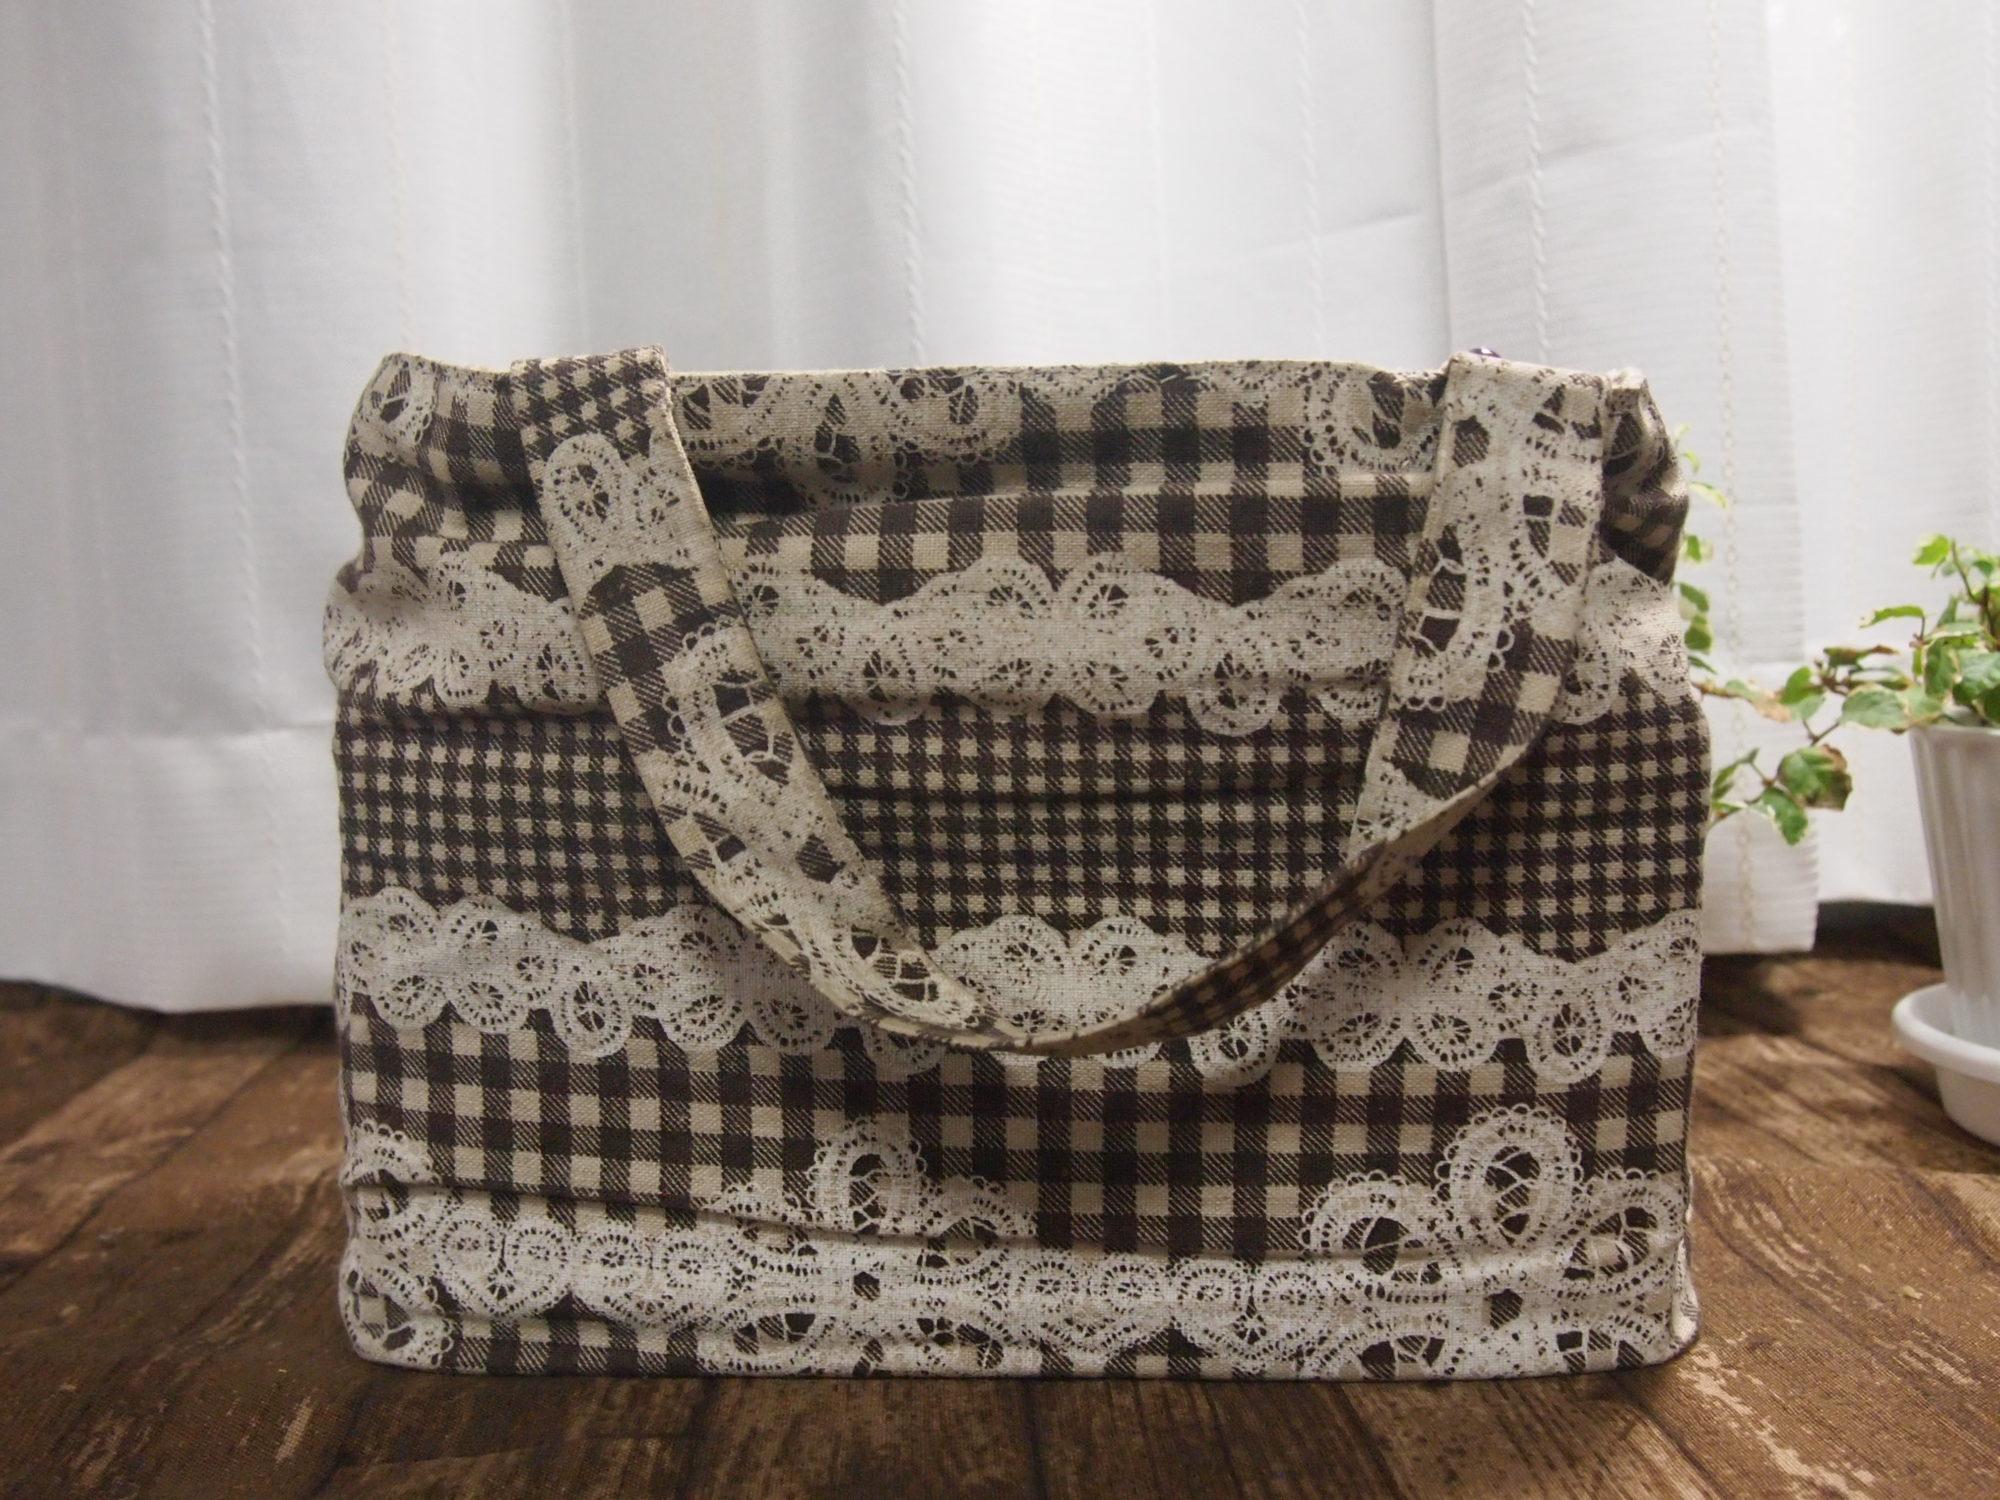 手作りバッグインバッグ〜私の用途に合わせて作る〜